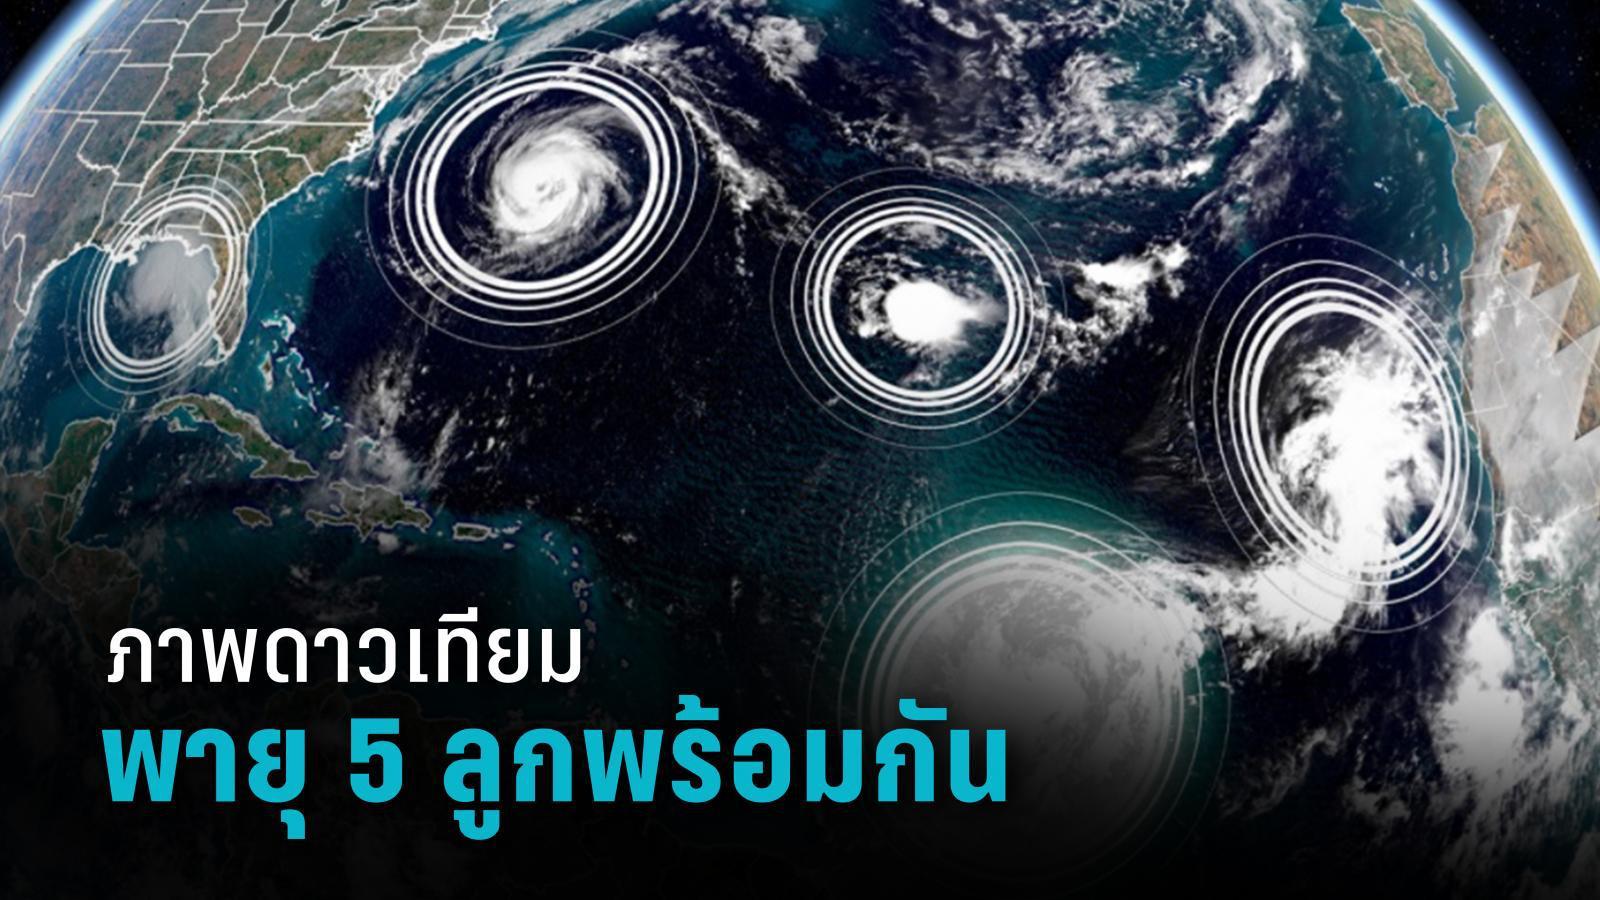 ภาพดาวเทียมพายุ  5 ลูก ในมหาสมุทรแอตแลนติก นับเป็นครั้งที่ 2 ในประวัติศาสตร์